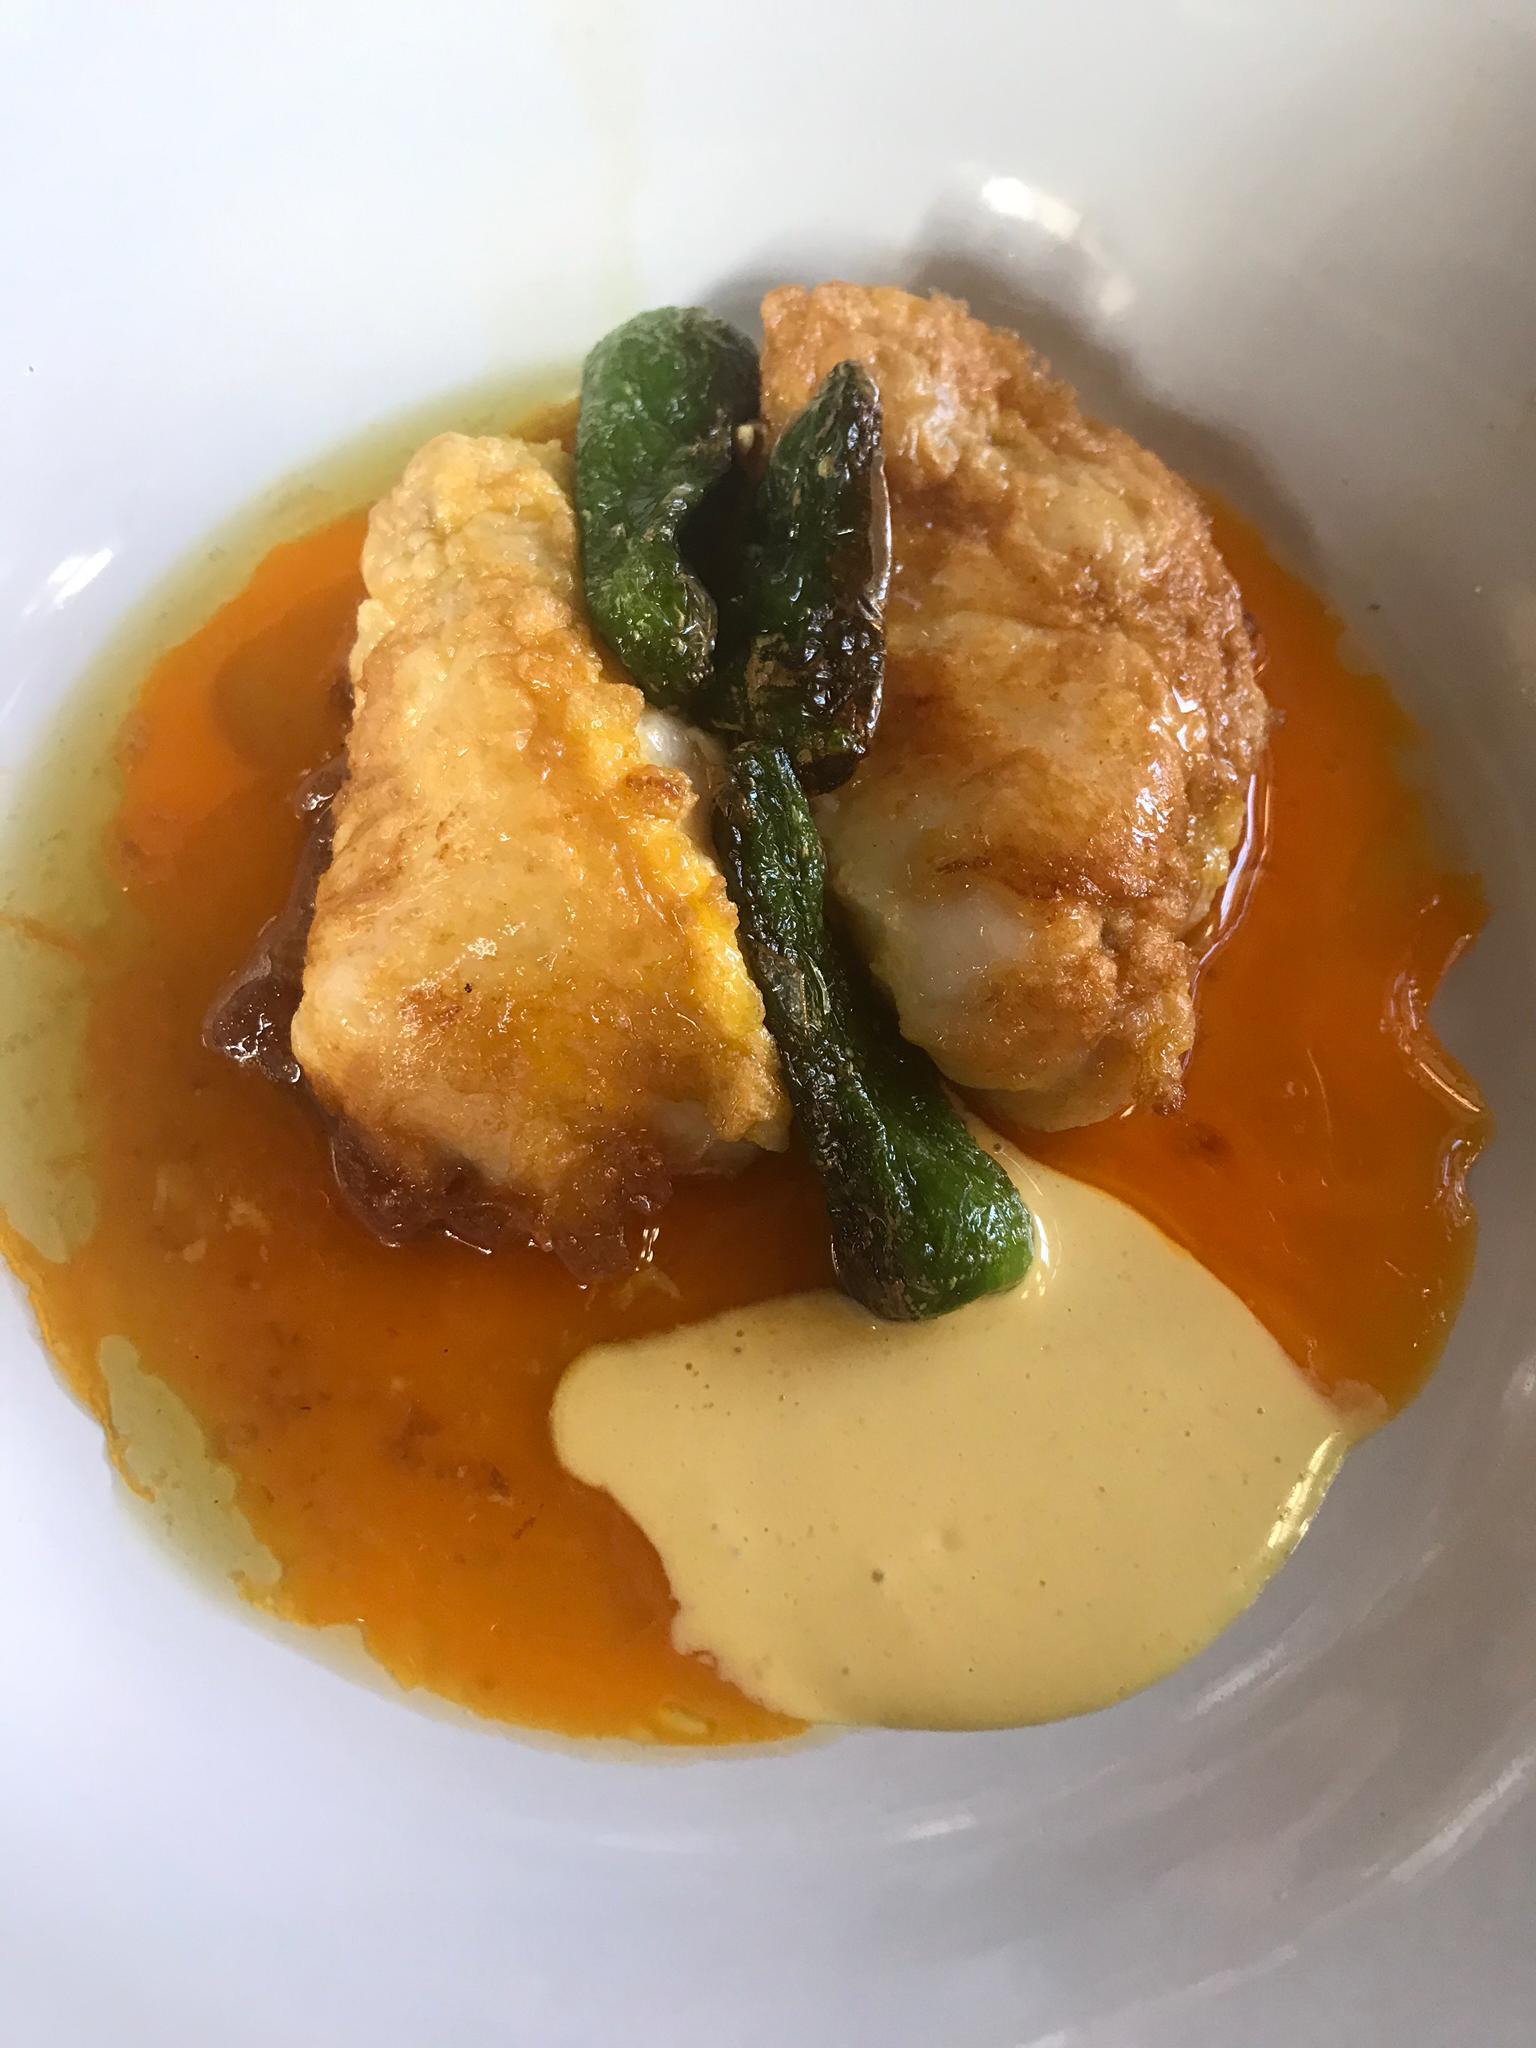 Reseñas gastronómicas: Restaurante La Central 2